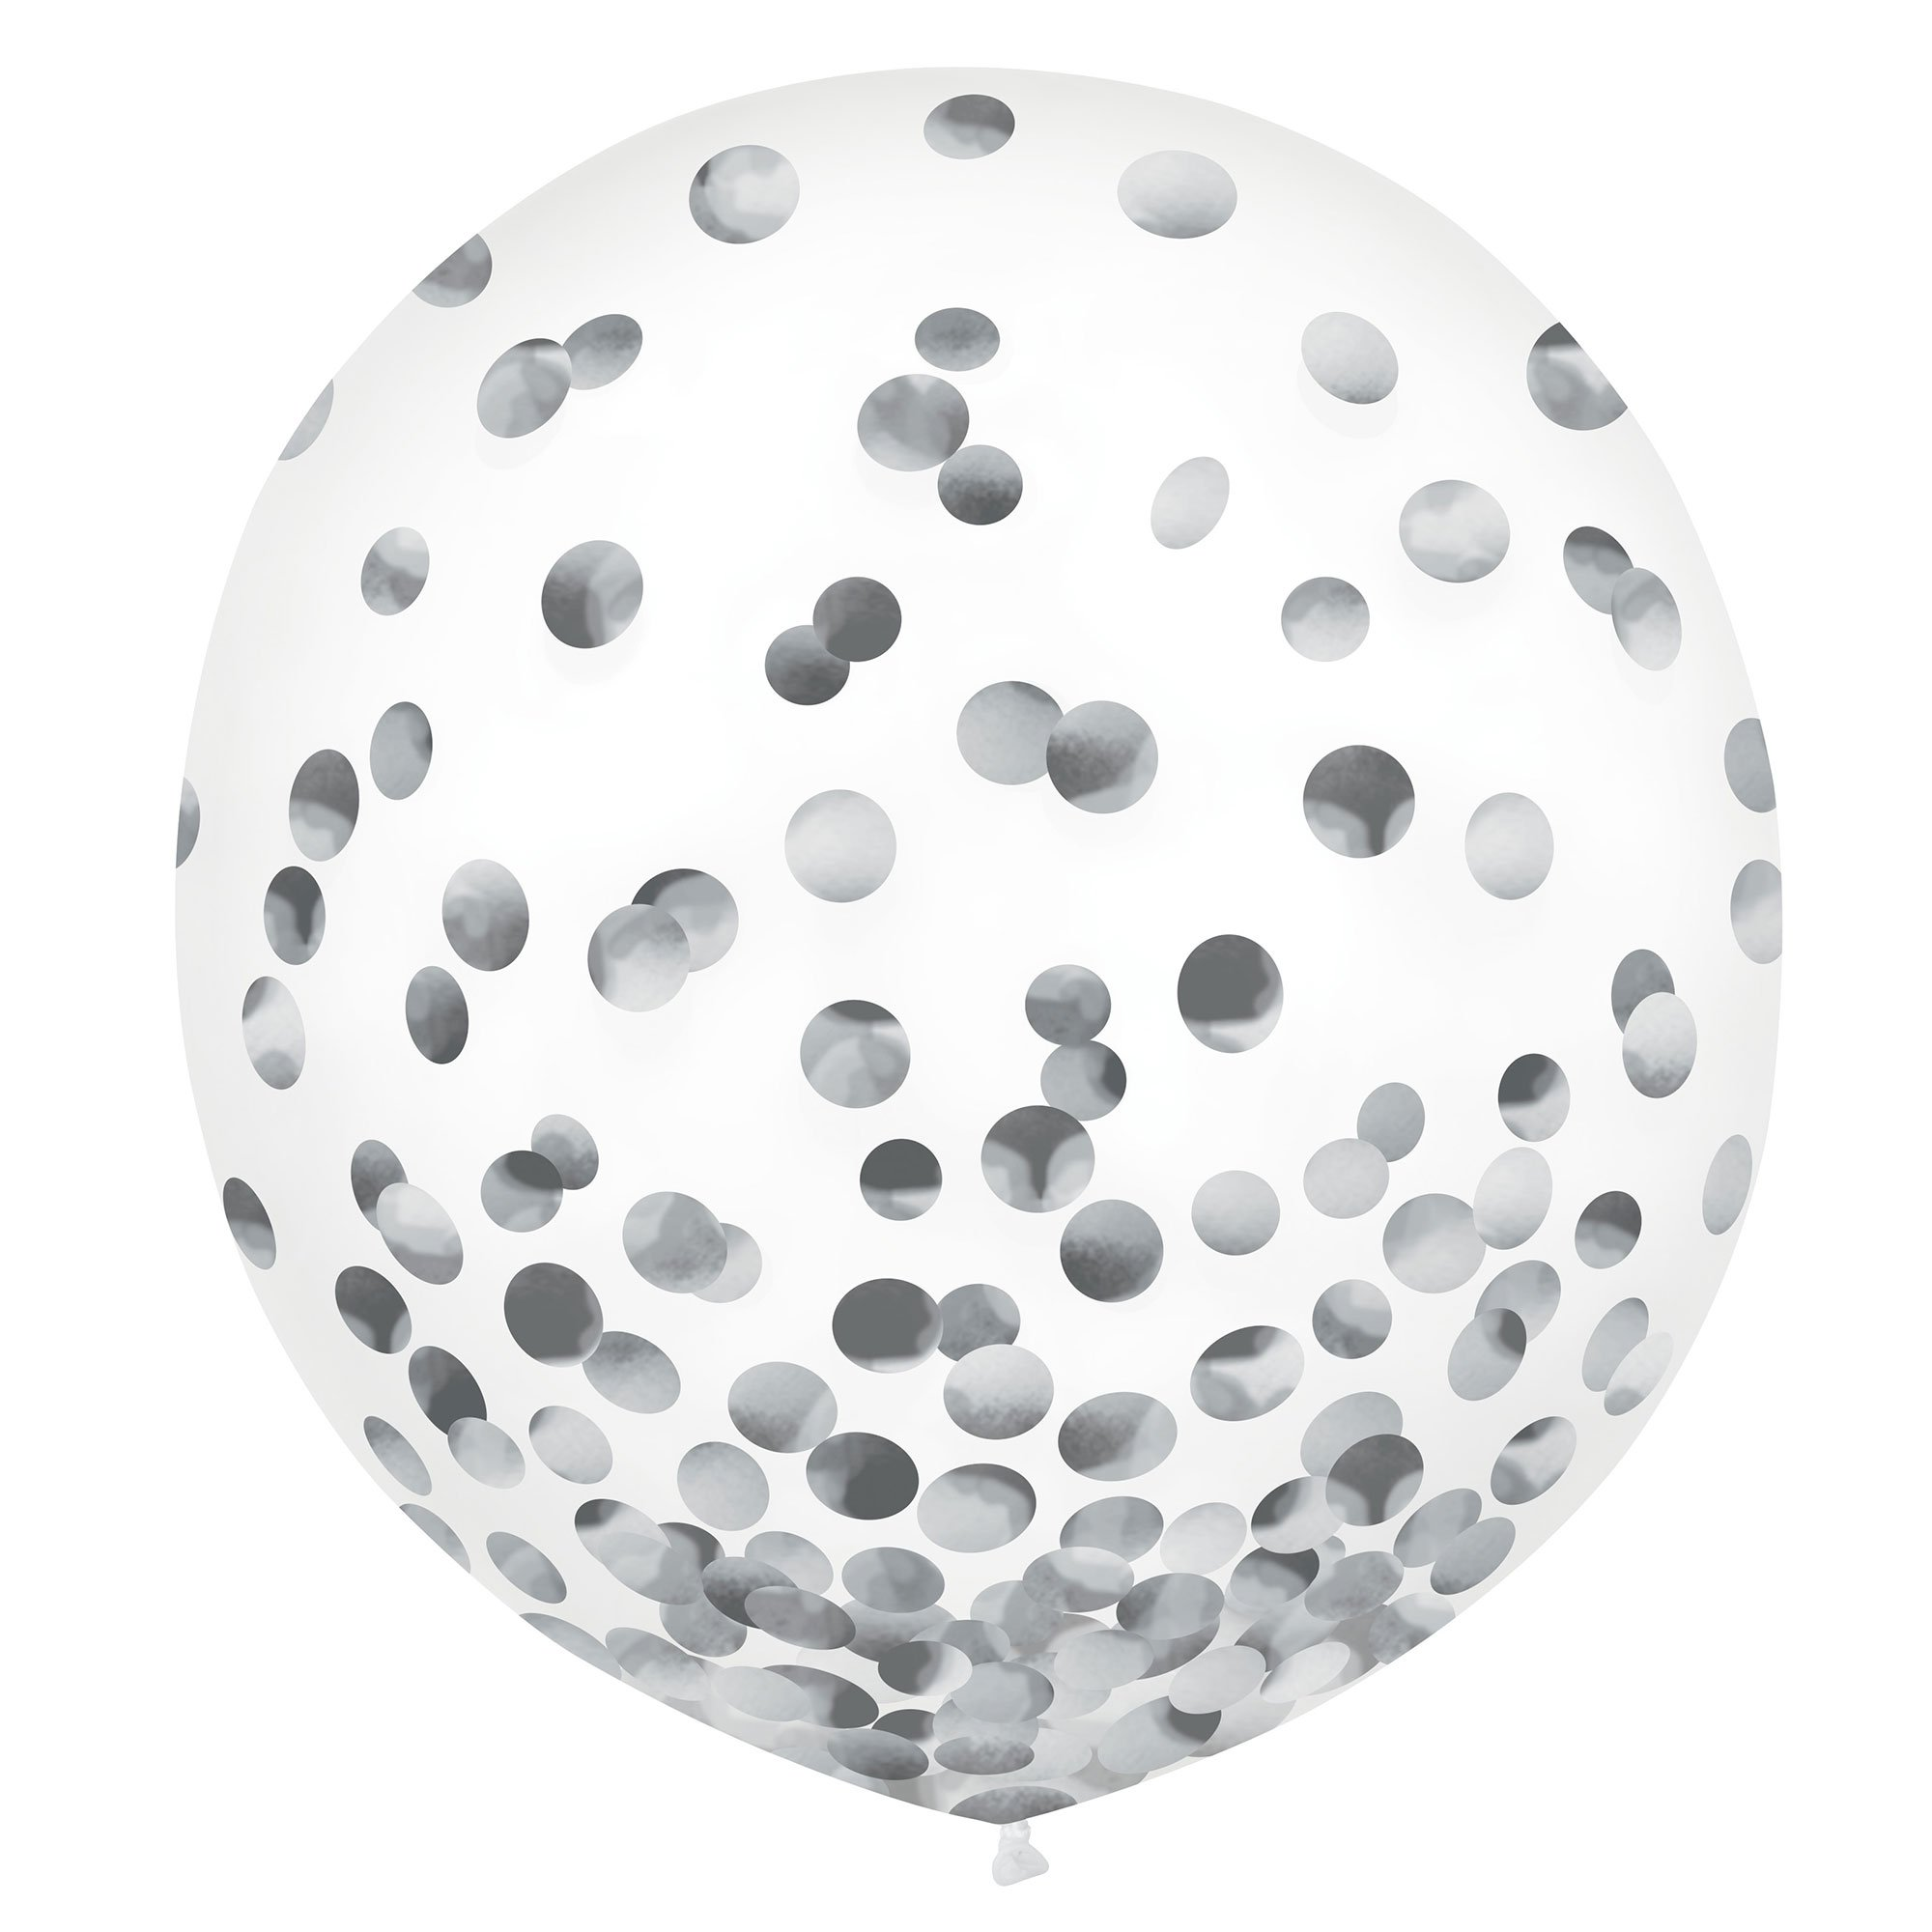 Latex Balloons 60cm & Confetti Silver